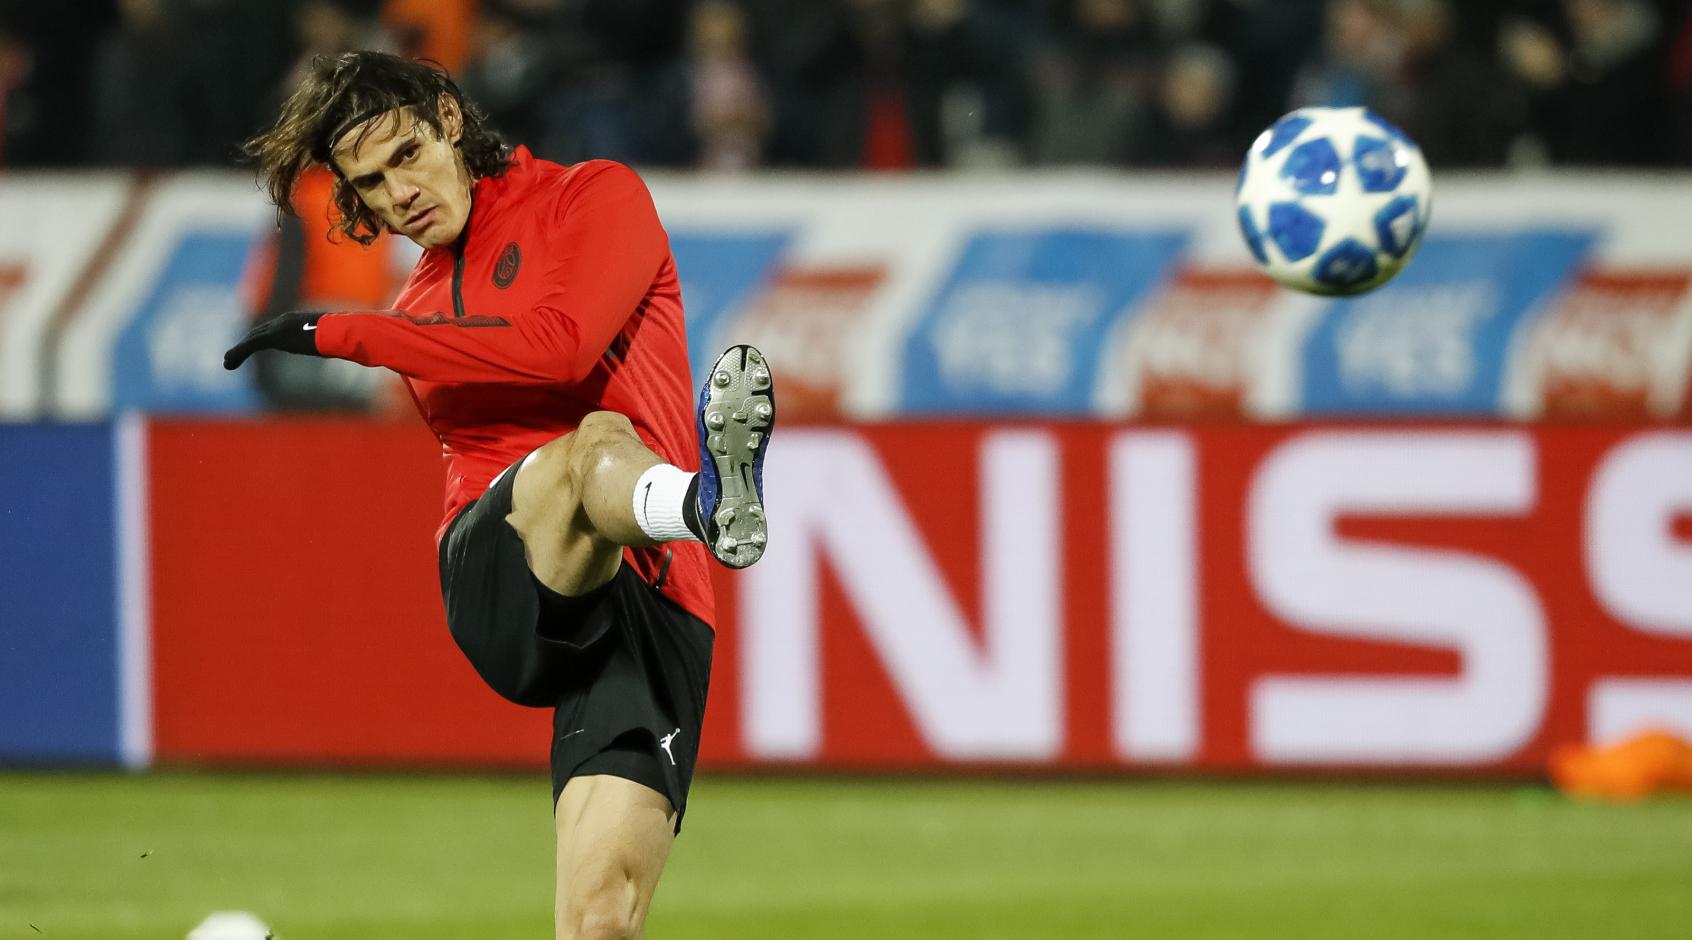 Edinson Cavani is nog steeds geïnteresseerd om naar Atlético te verhuizen